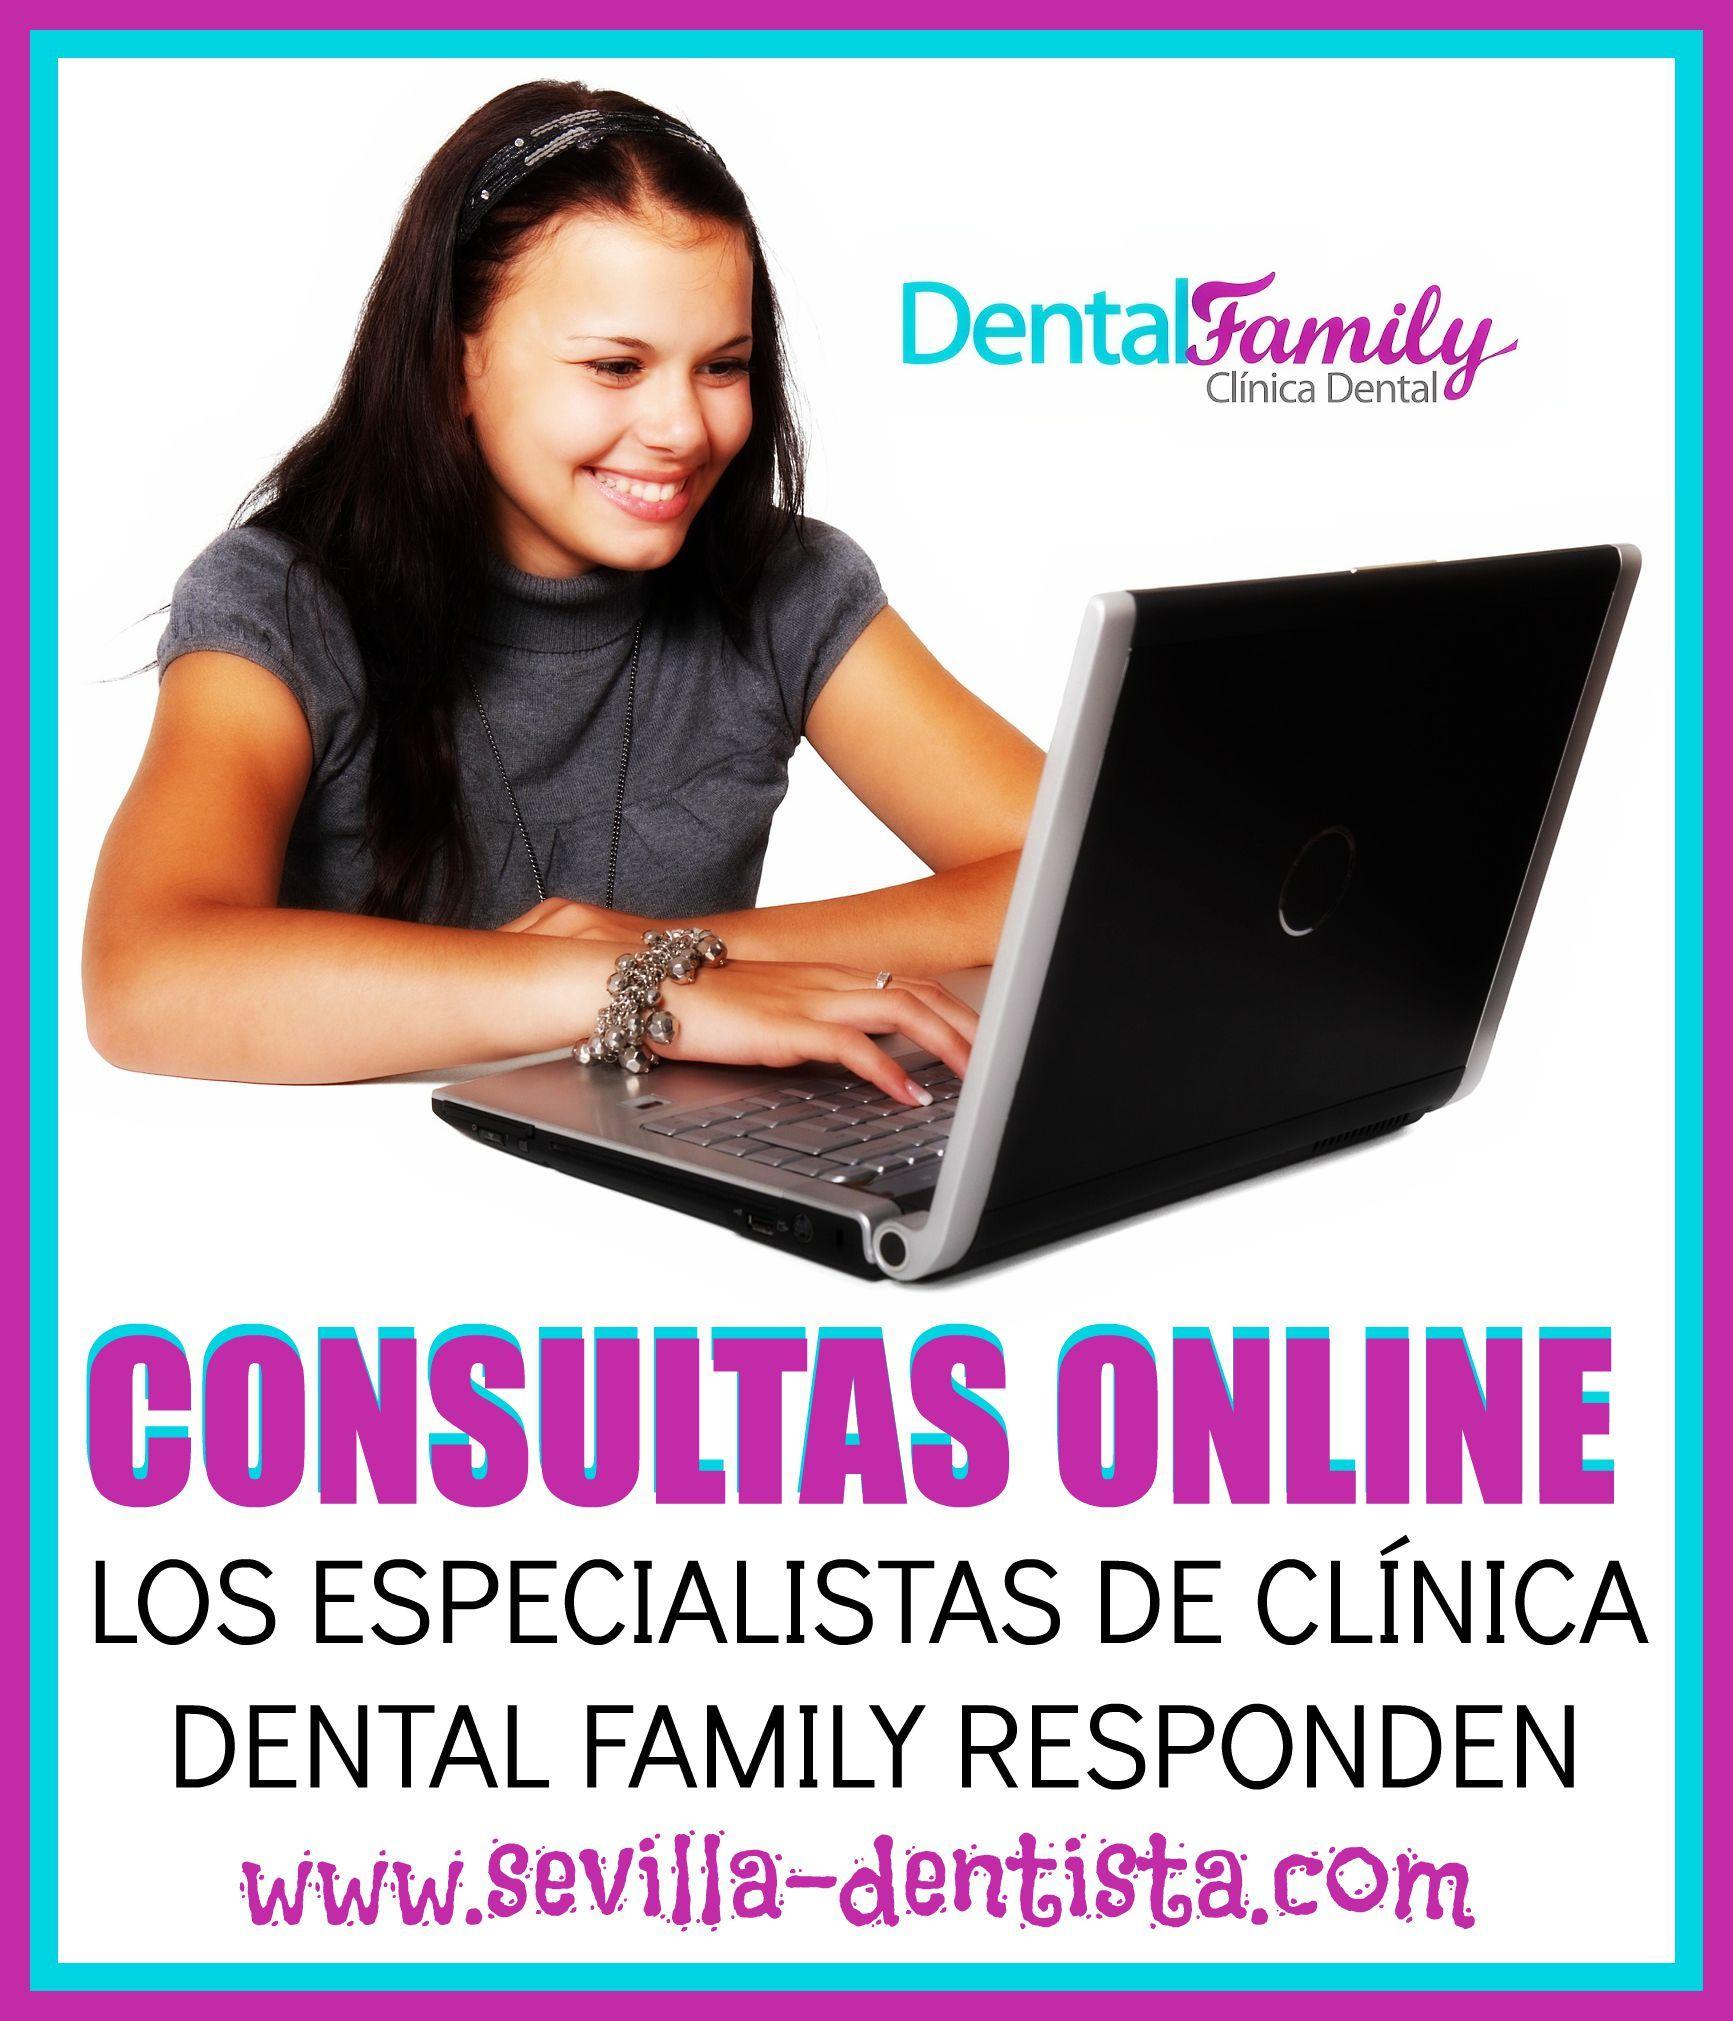 En Clínica Dental Family nos preocupamos por atender personalmente cada una de las dudas que puedan tener nuestros clientes. Puede contarnos su caso rellenando el cuestionario, realizando su consulta vía Skype, por teléfono o por e-mail en http://www.sevilla-dentista.com/consulta-online-dentista.html #FelizLunes #Dentista #Dentistas #ConsultaDentista #DentistaSevilla #Odontología #Sevilla #SaludDental #HigieneBucal #SaludBucodental #Ortodoncia #BlanqueamientoDental #ImplanteDental